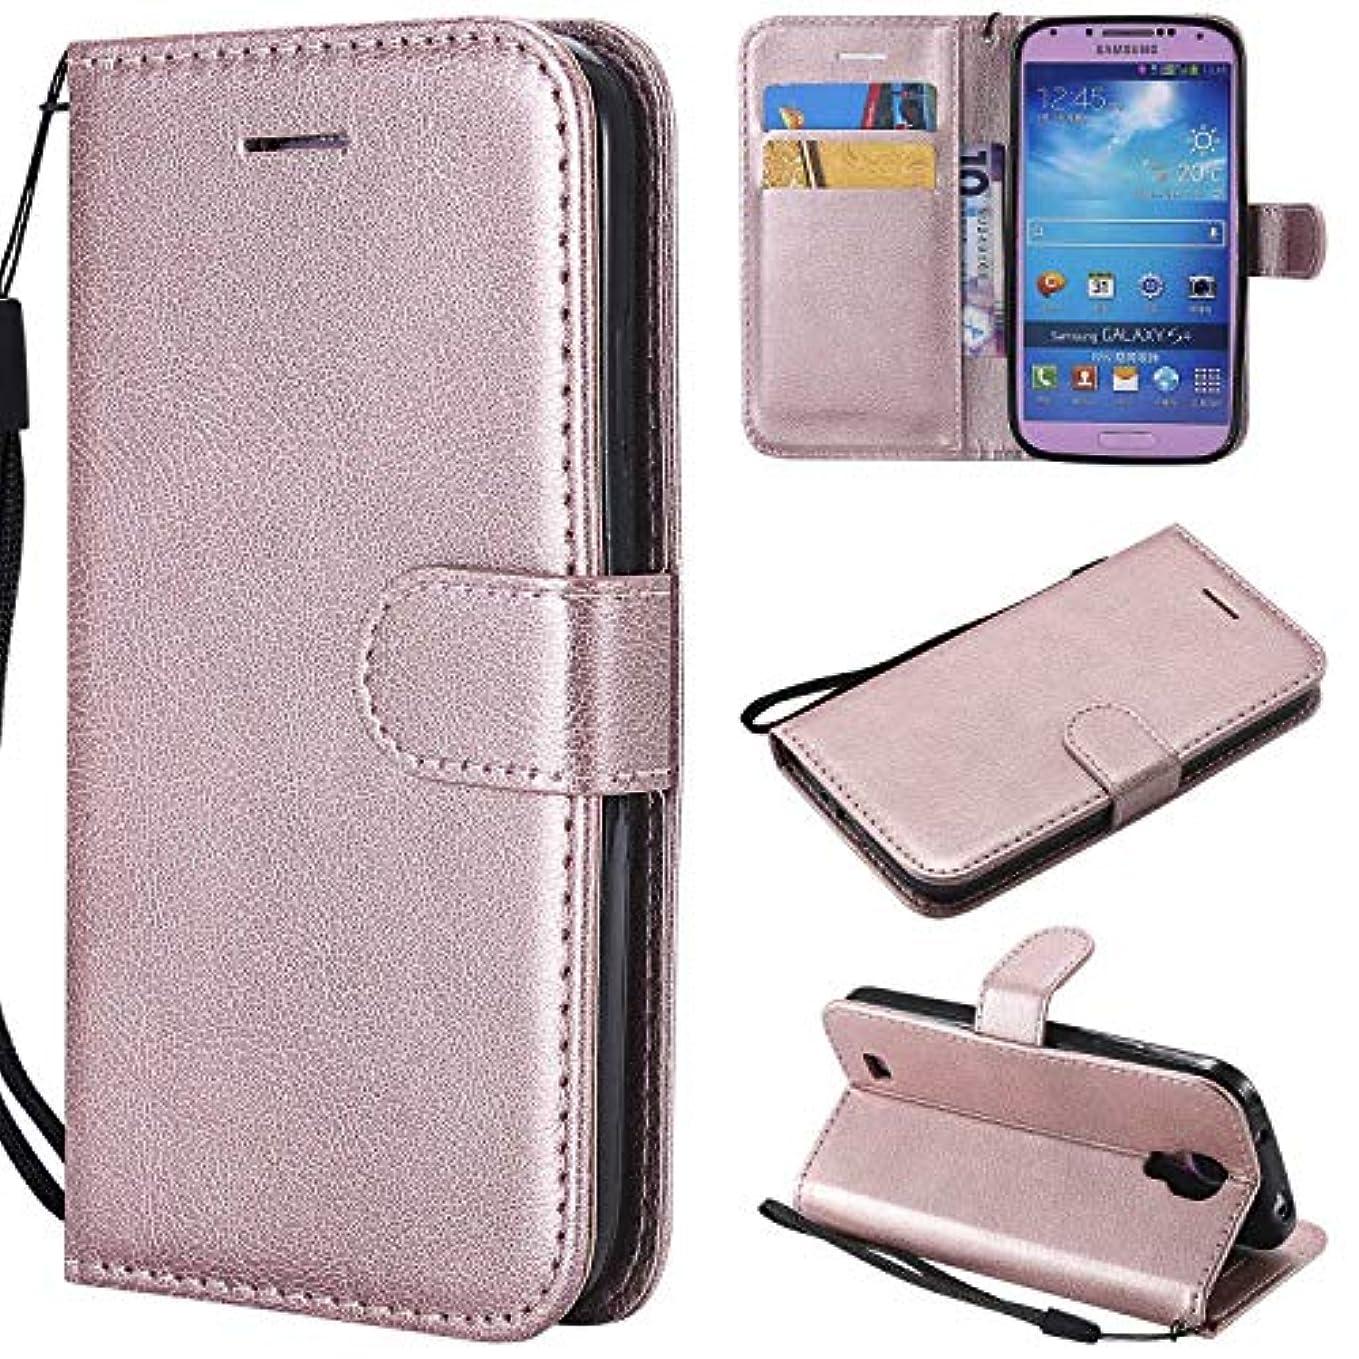 周辺浴過度にGalaxy S4 ケース手帳型 OMATENTI レザー 革 薄型 手帳型カバー カード入れ スタンド機能 サムスン Galaxy S4 おしゃれ 手帳ケース (4-ローズゴールド)